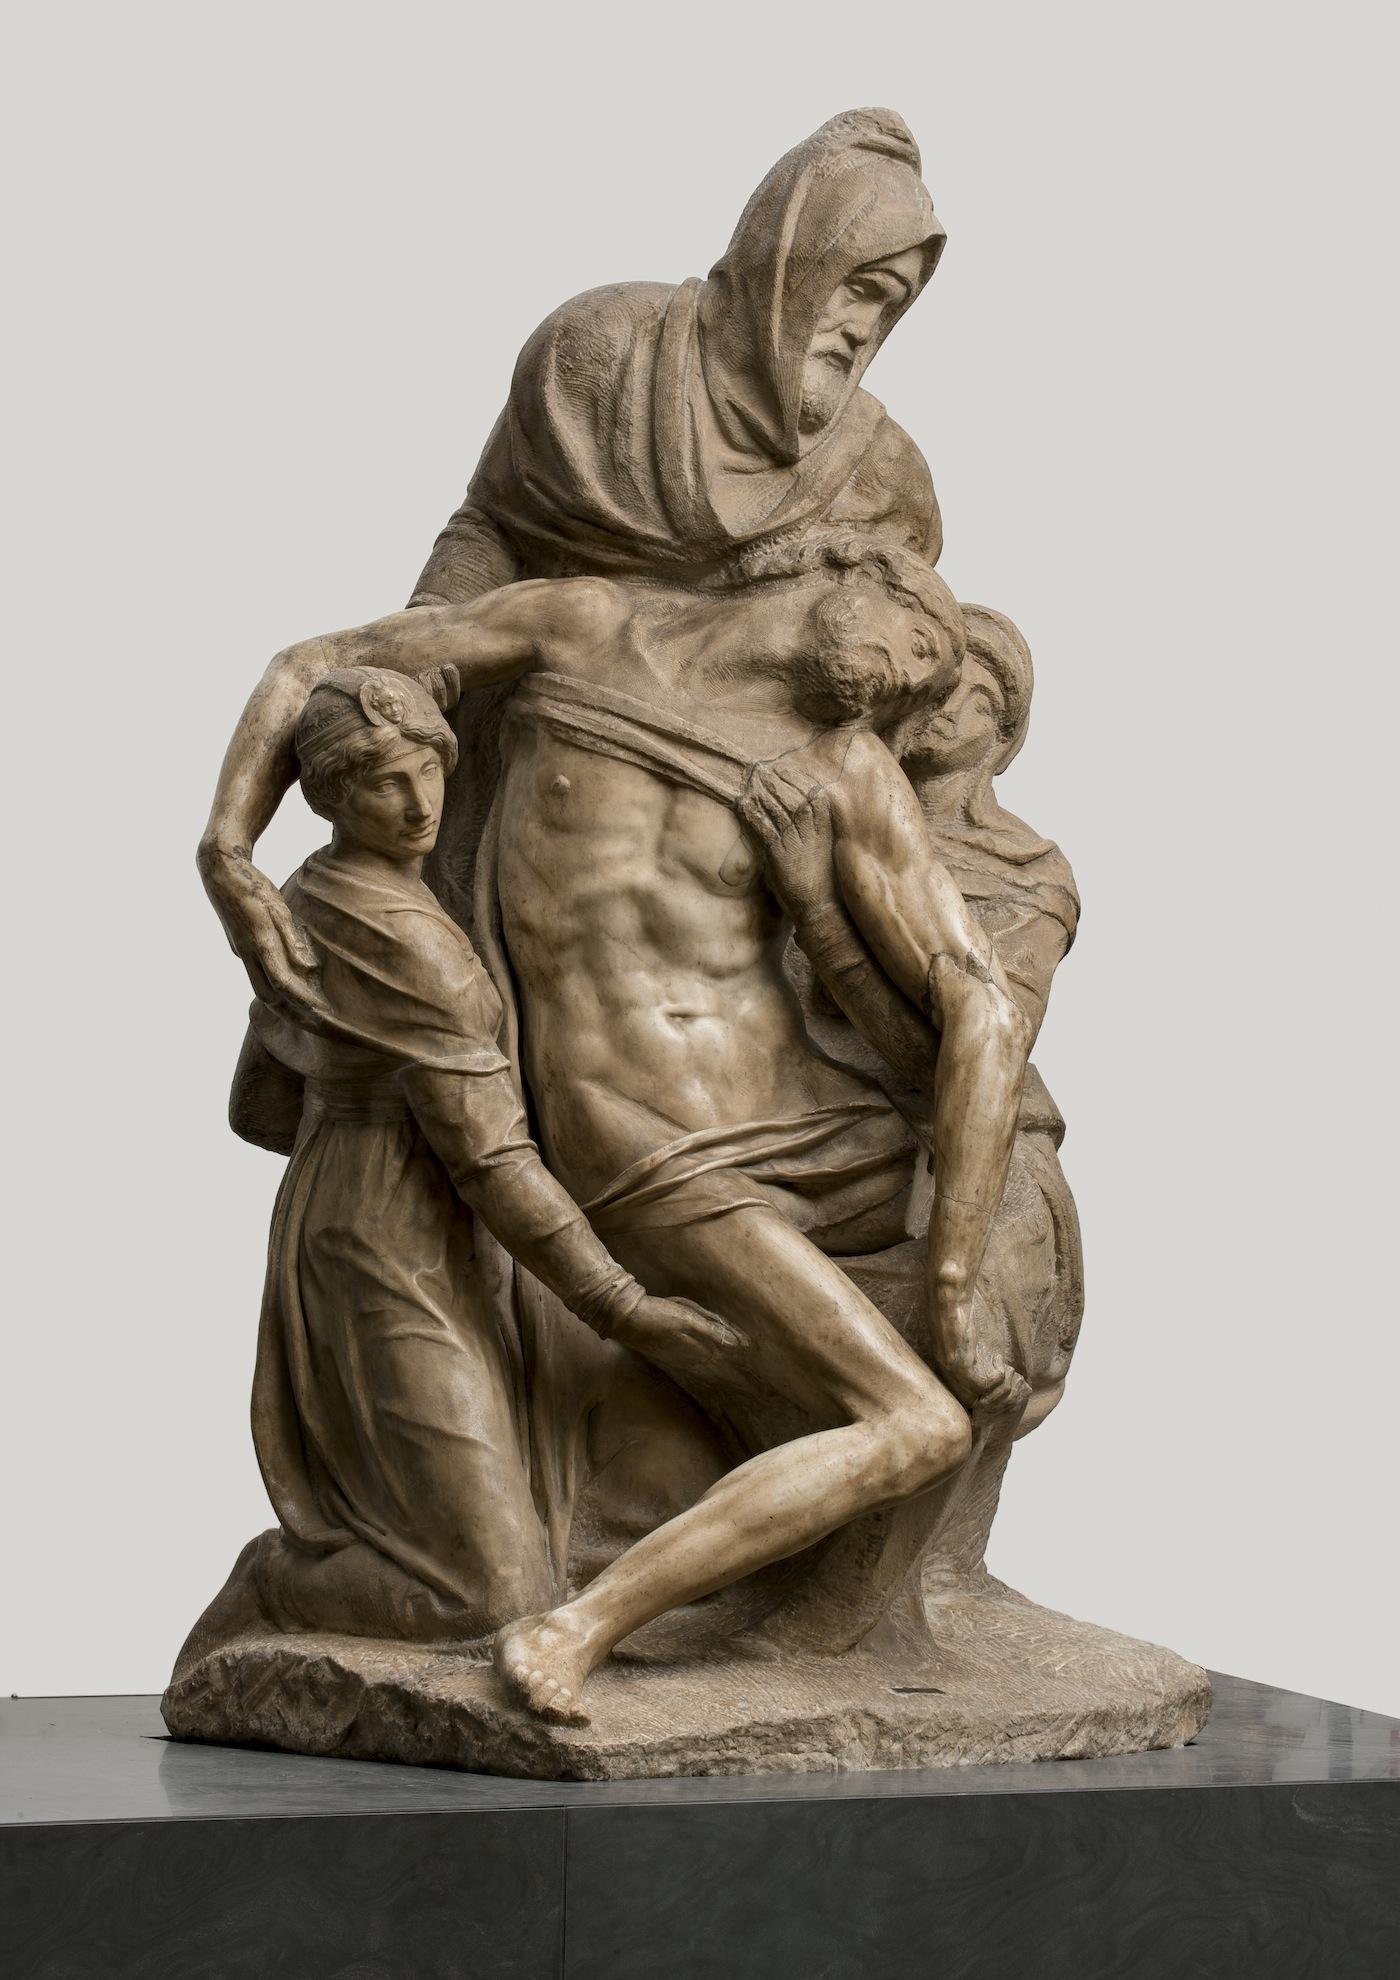 Pietà Bandini Michelangelo Buonarroti (Caprese? 1475-Roma 1564), 1547-1555 circa. Marmo, cm 226 x 138 x 125. Firenze, Museo dell'Opera del Duomo, inv. 2005/289